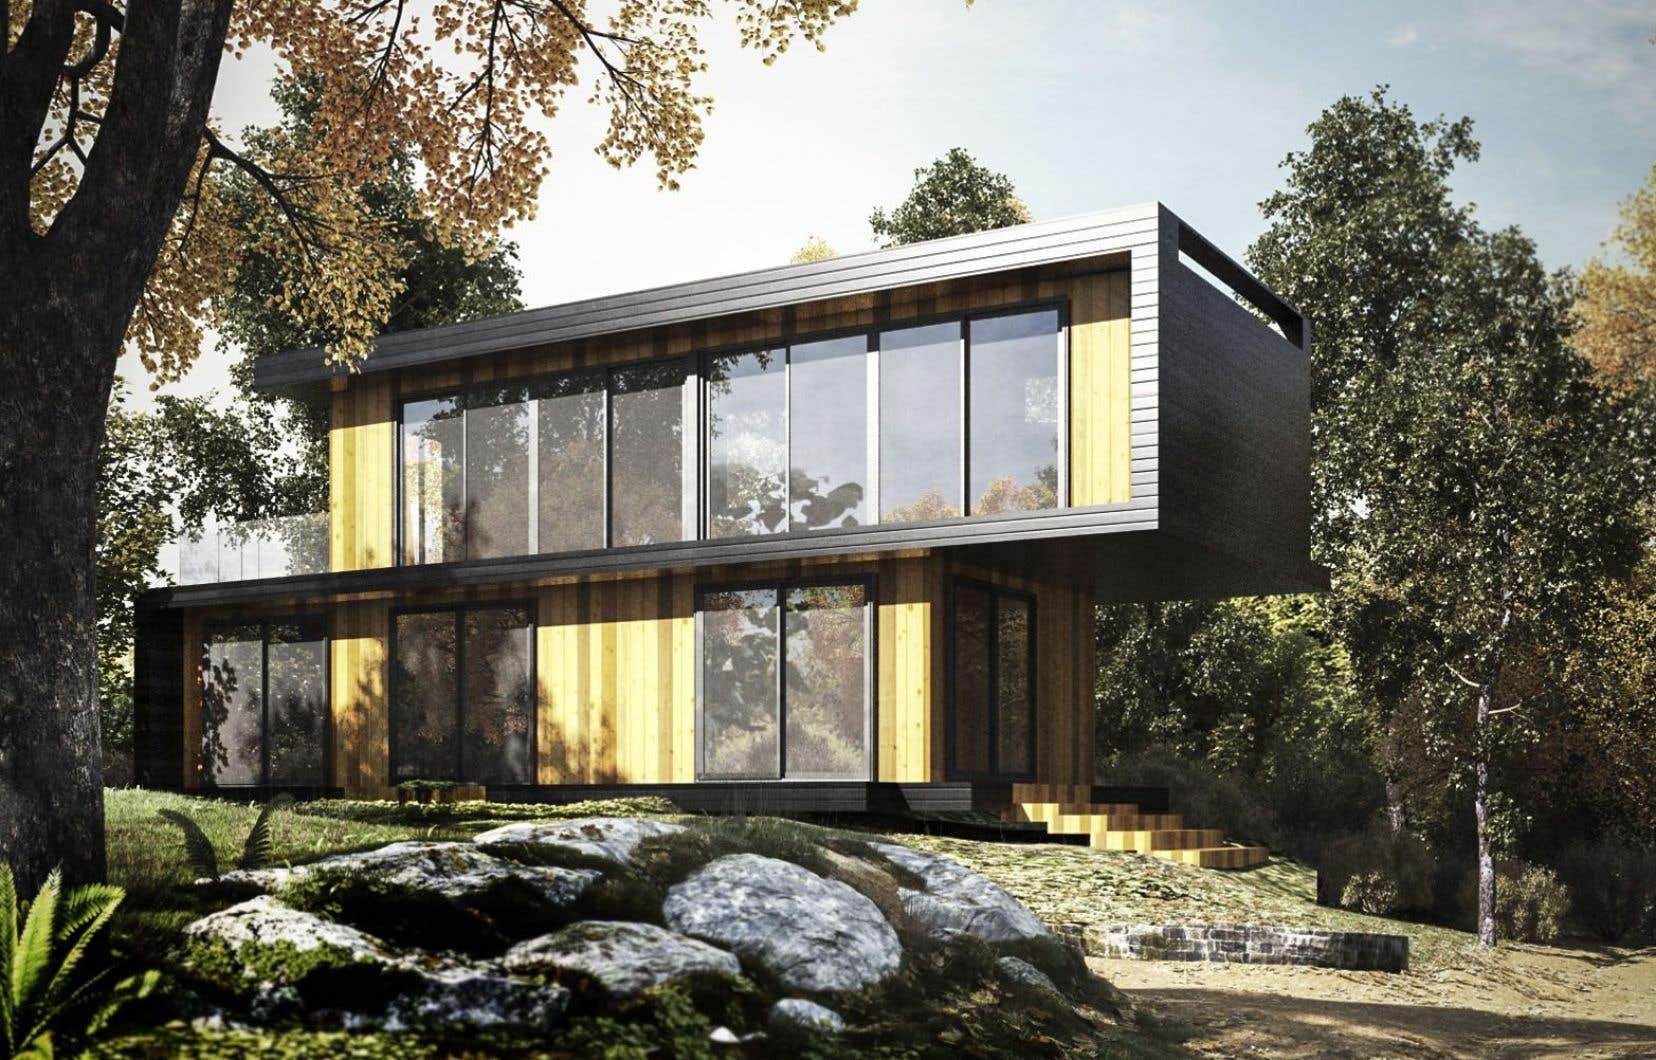 Fenestration abondante, toit plat, lignes épurées et design audacieux constituent les atouts des maisons de Thinking Habitat construites à partir de conteneurs.